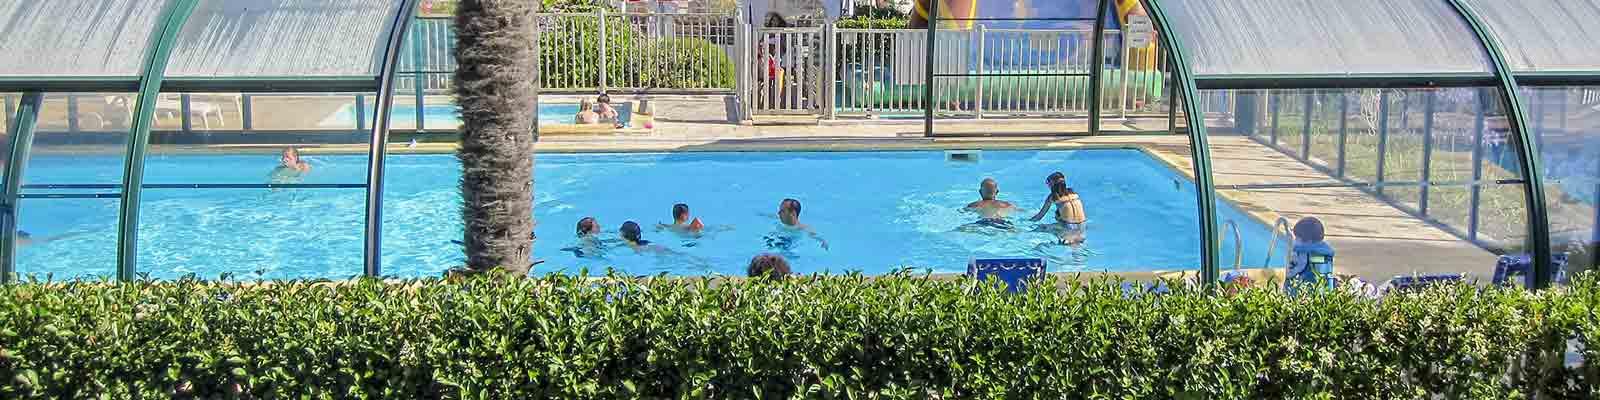 Camping avec piscine Bretagne